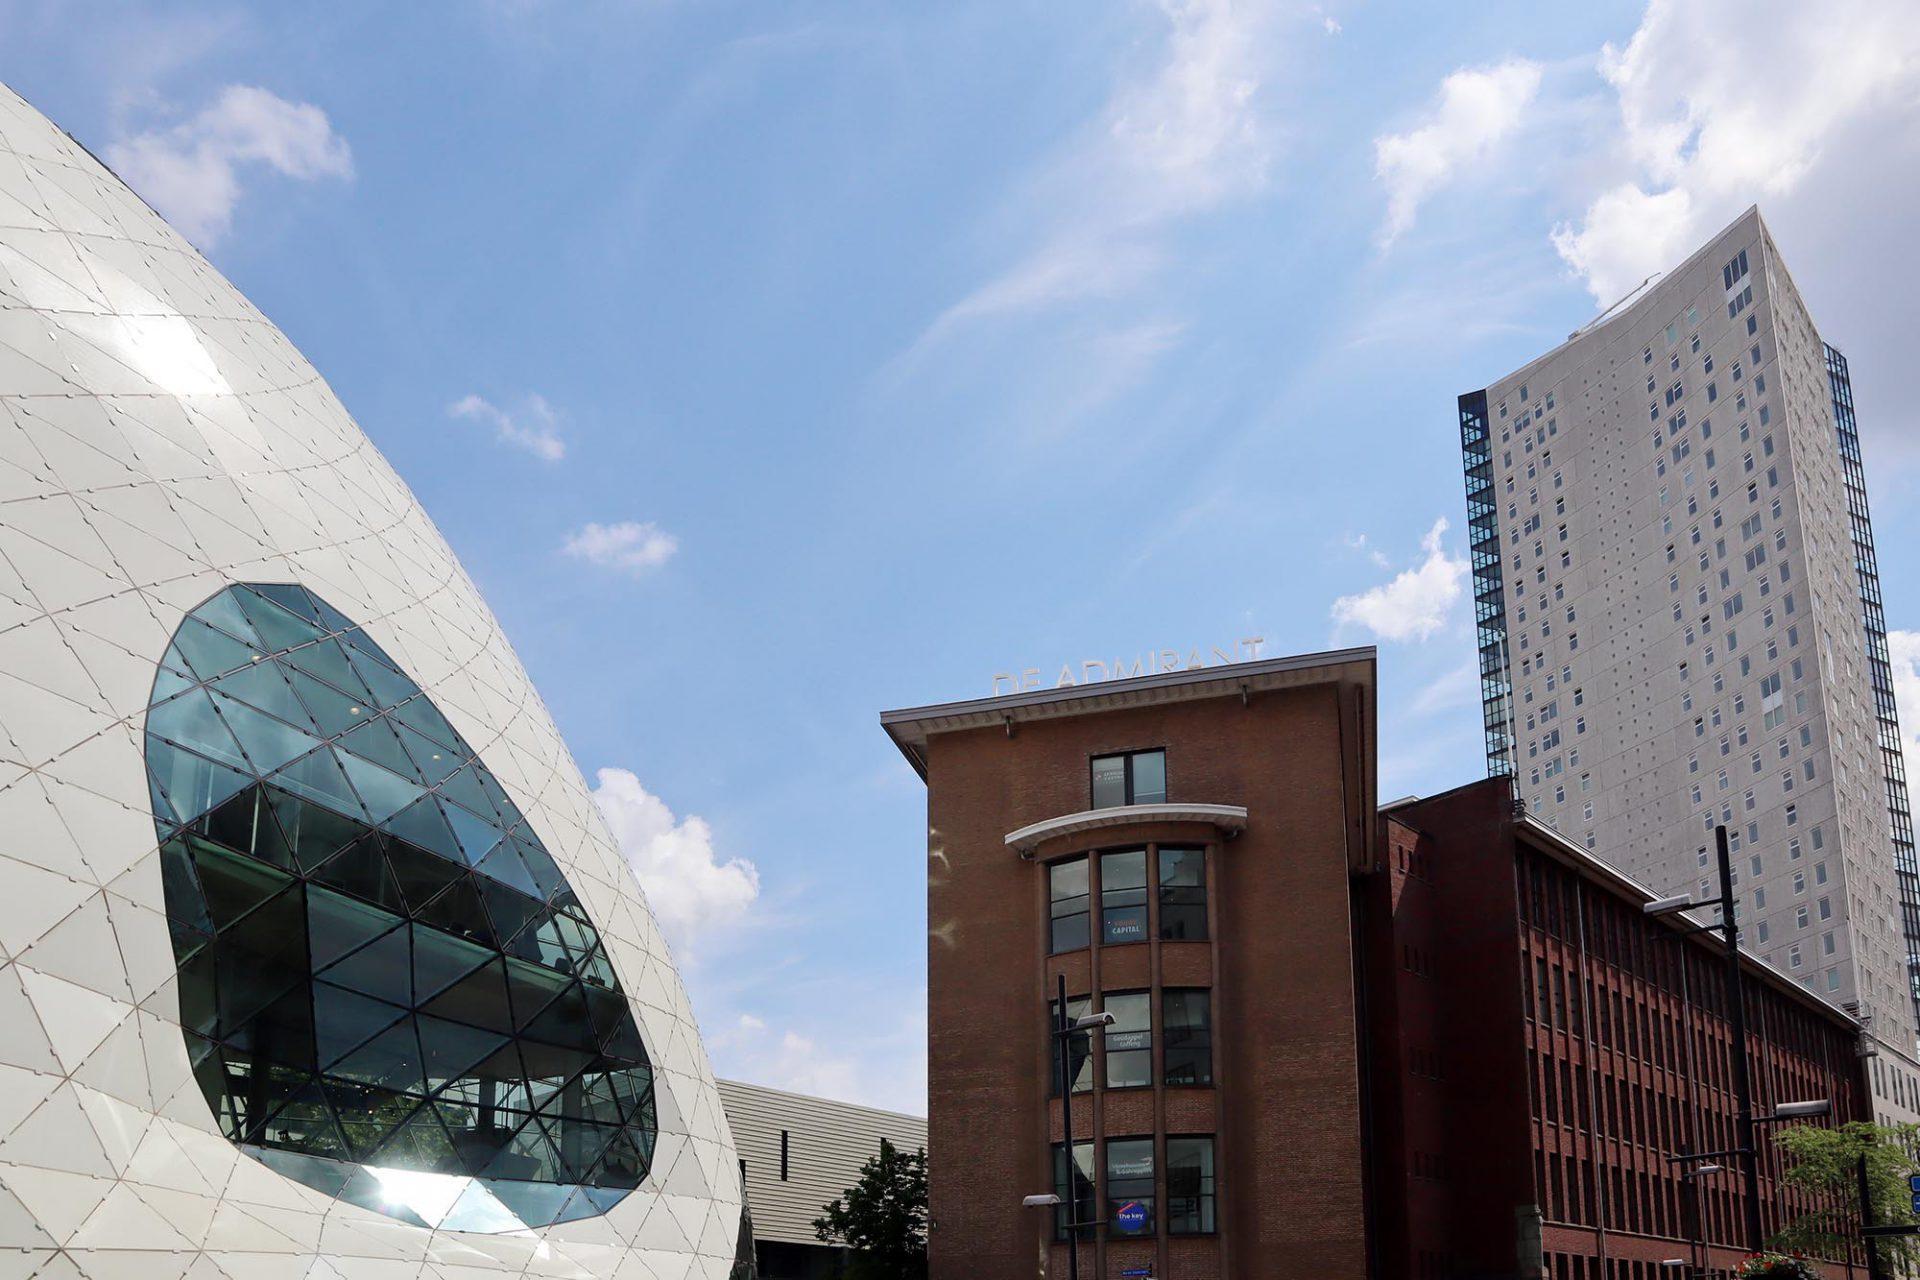 """De Blob. Massimiliano Fuksas entwarf 2010 das organisch geformte Bauwerk aus Glas und Stahl als neuen Eingang zum Einkaufszentrum """"De Admirant"""", einem ehemaligen Gebäude der Firma Philips."""